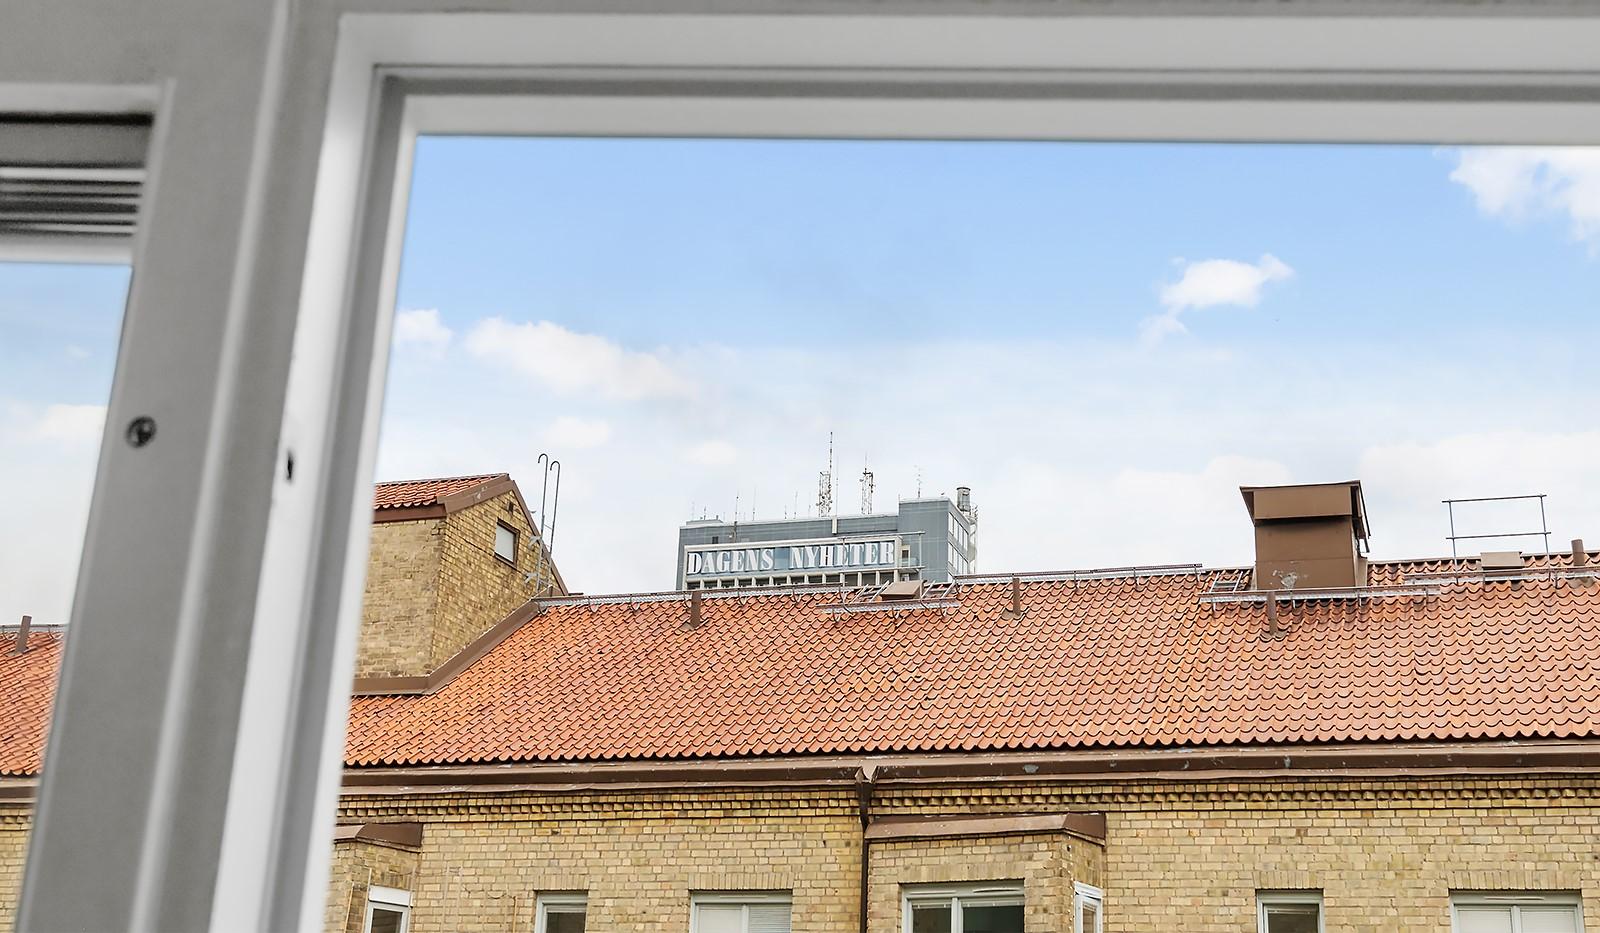 Wennerbergsgatan 6B, 5 tr - DN-huset sticker upp ovan takåsarna